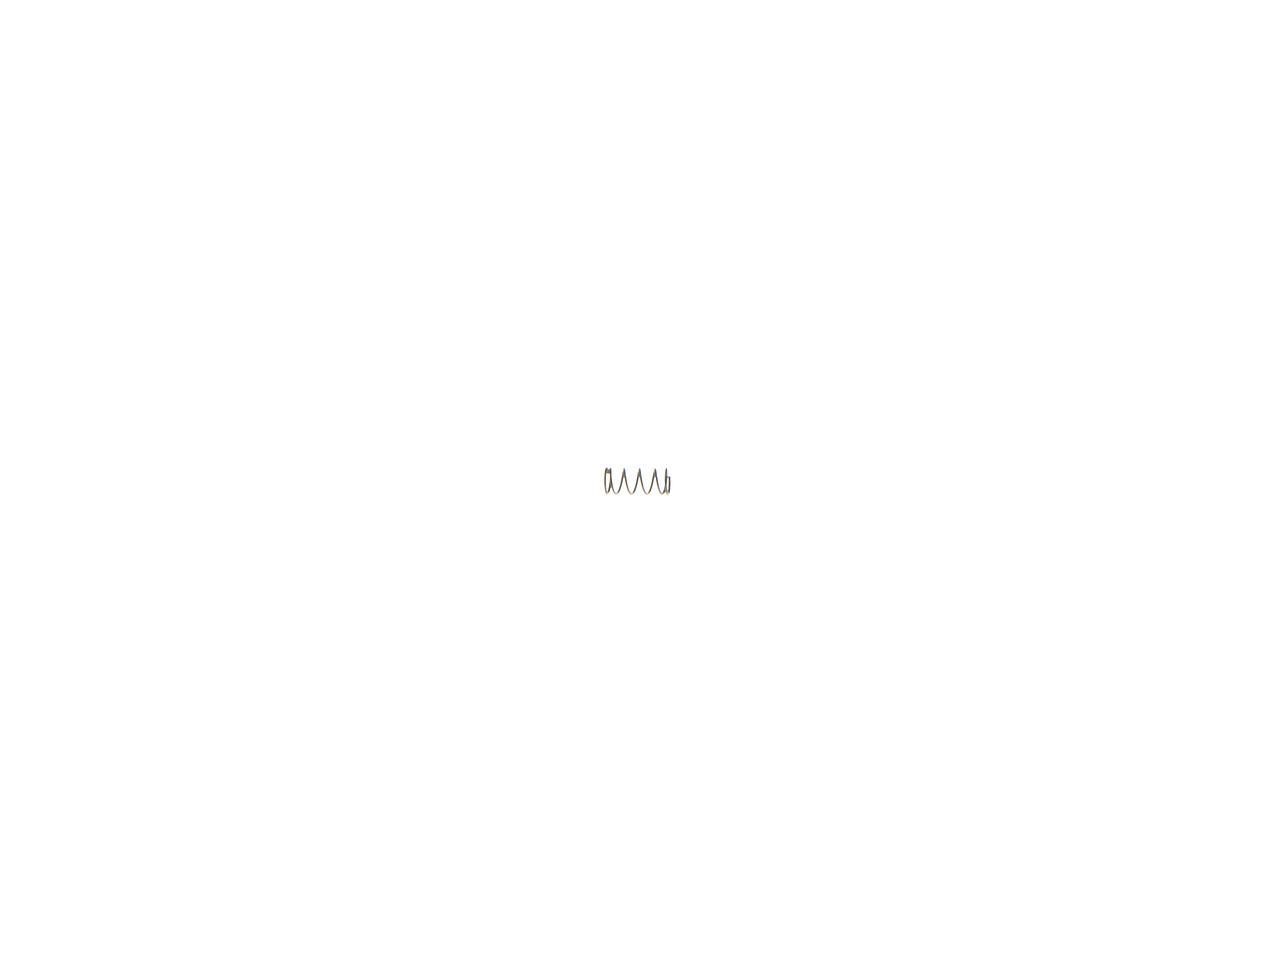 Umarex HK VP9パーツ/03-28 スライドストップスプリング  [VGCCSPG002]